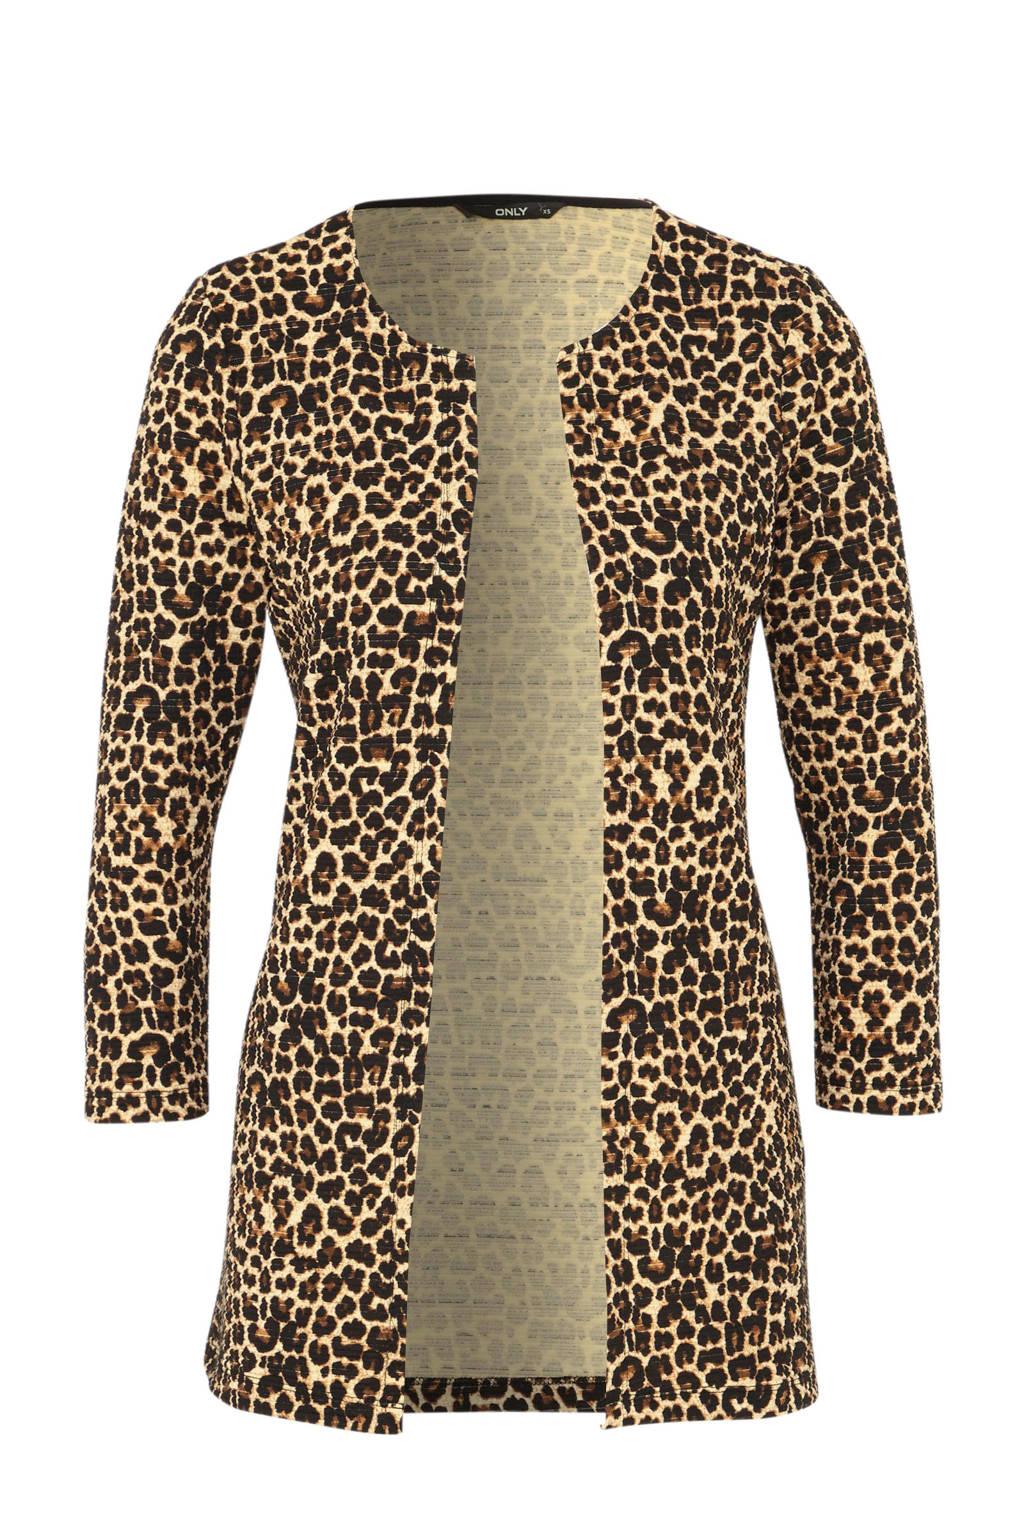 ONLY vest met panterprint, Bruin